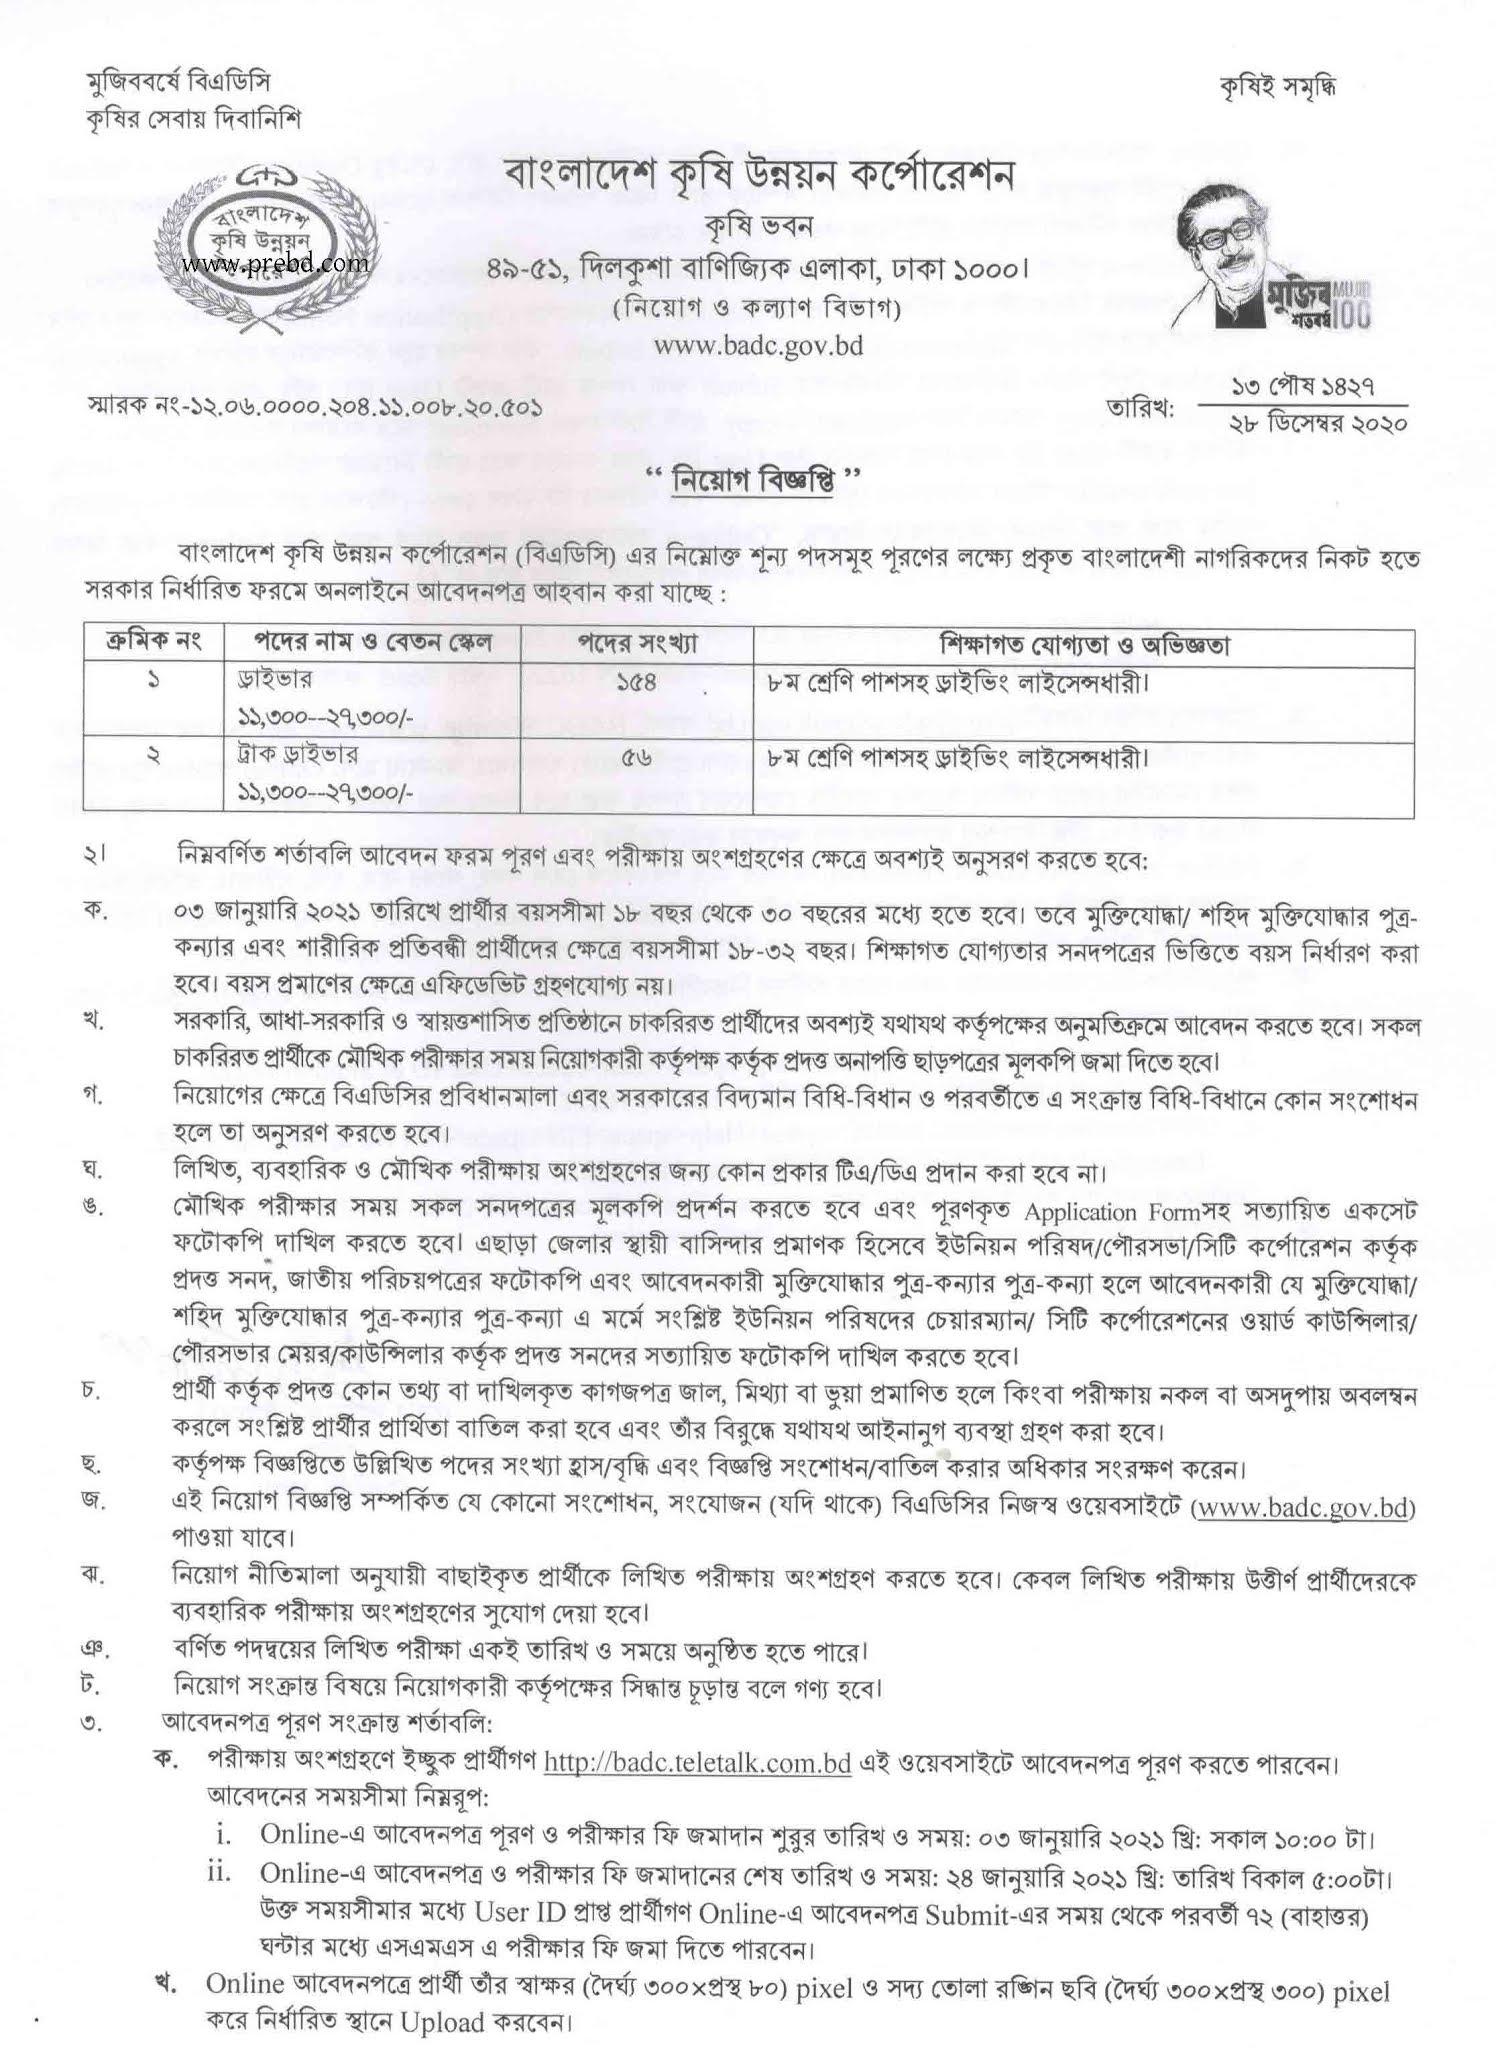 বাংলাদেশ কৃষি উন্নয়ন কর্পোরেশন (BADC) এ নিয়োগ বিজ্ঞপ্তি ২০২১ | www.badc.gov.bd Job Circular 2021